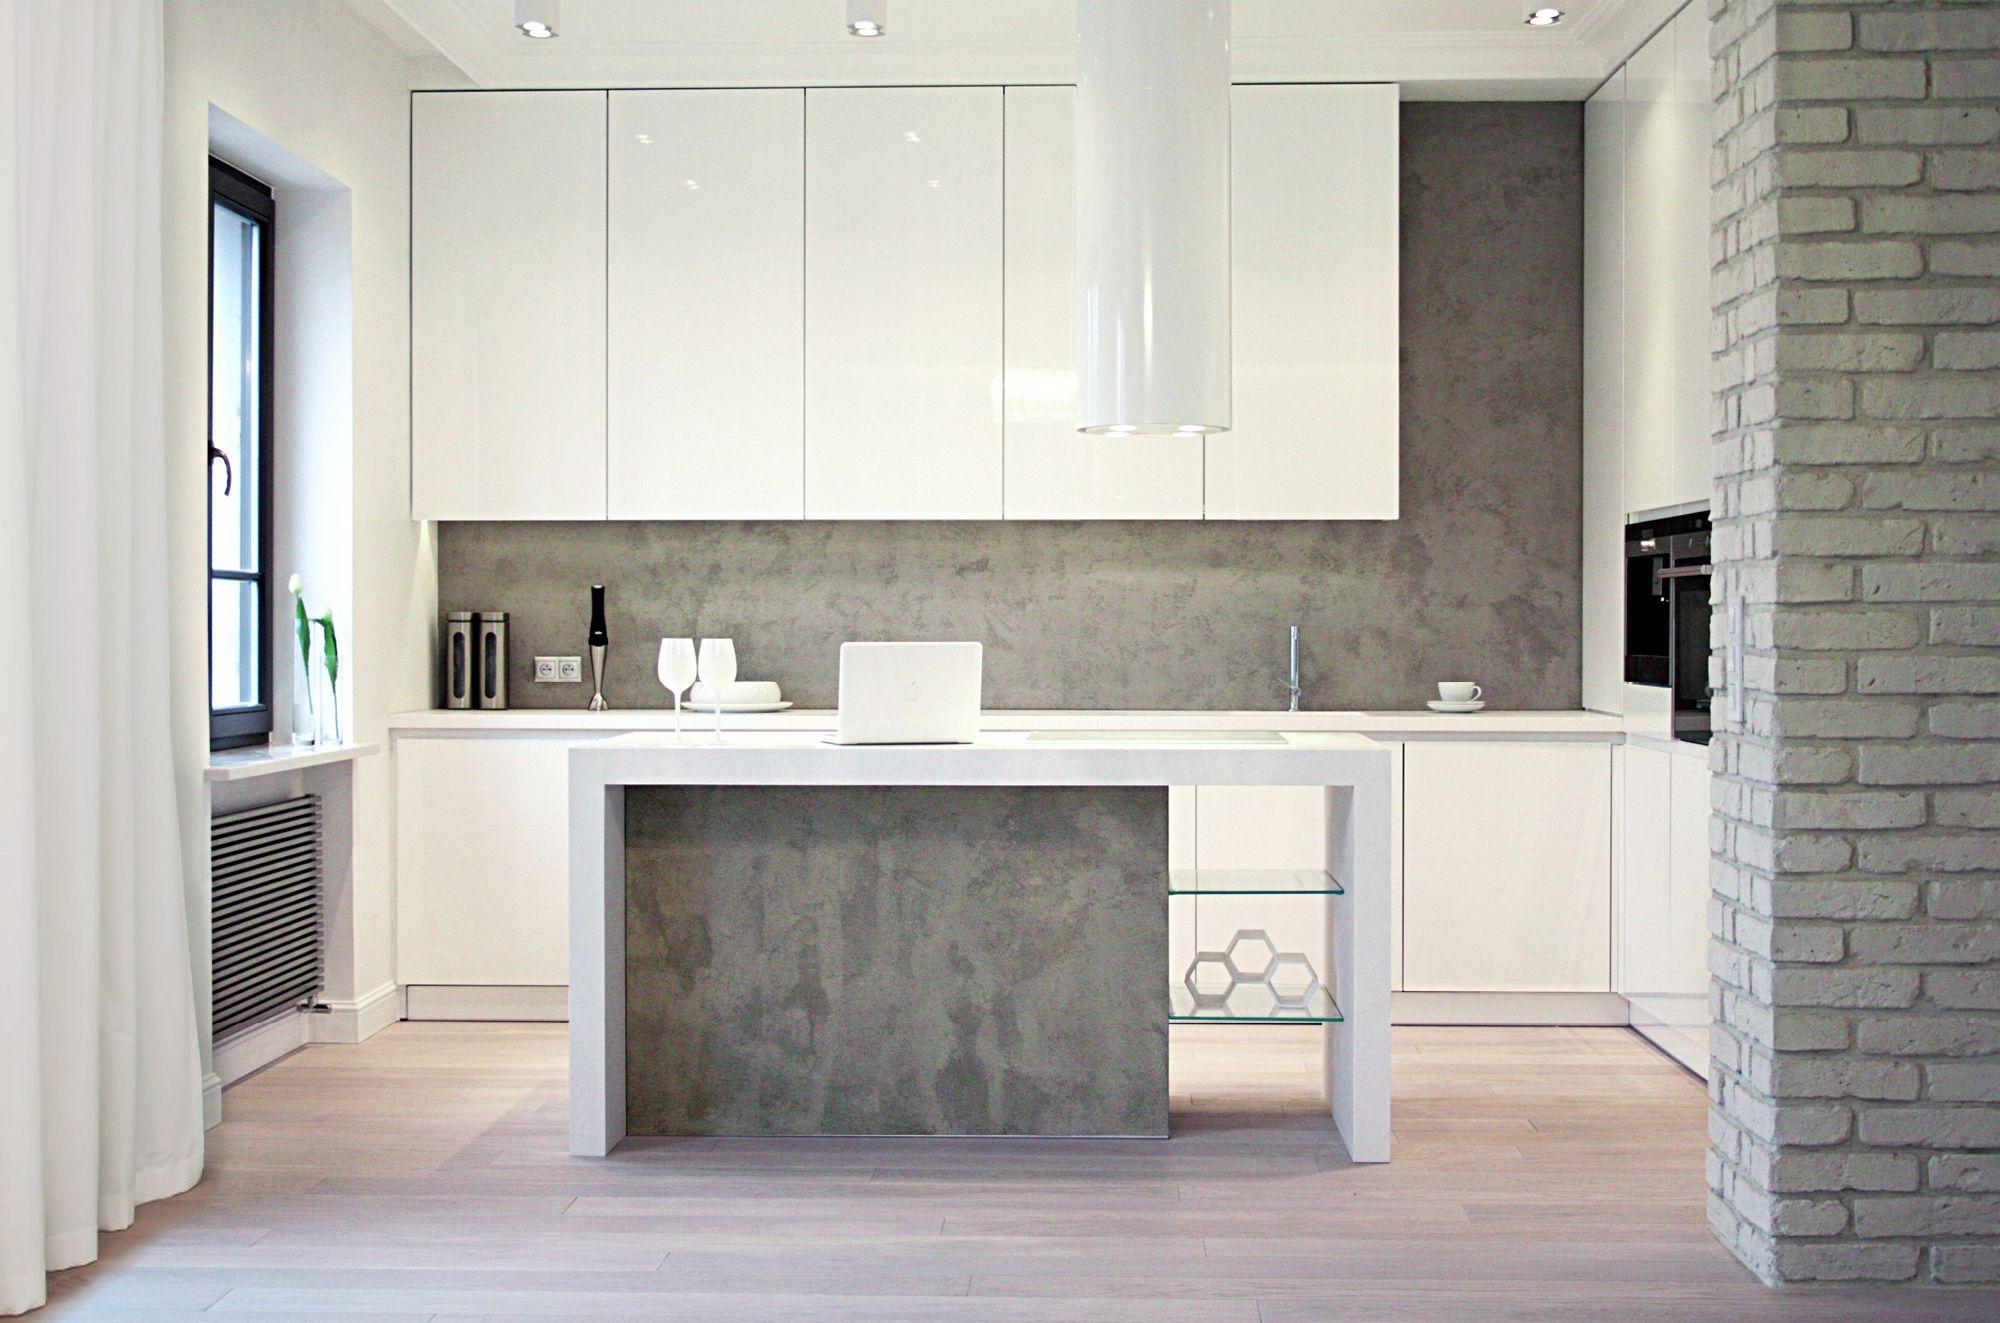 Apartament 110m² – Realizacja